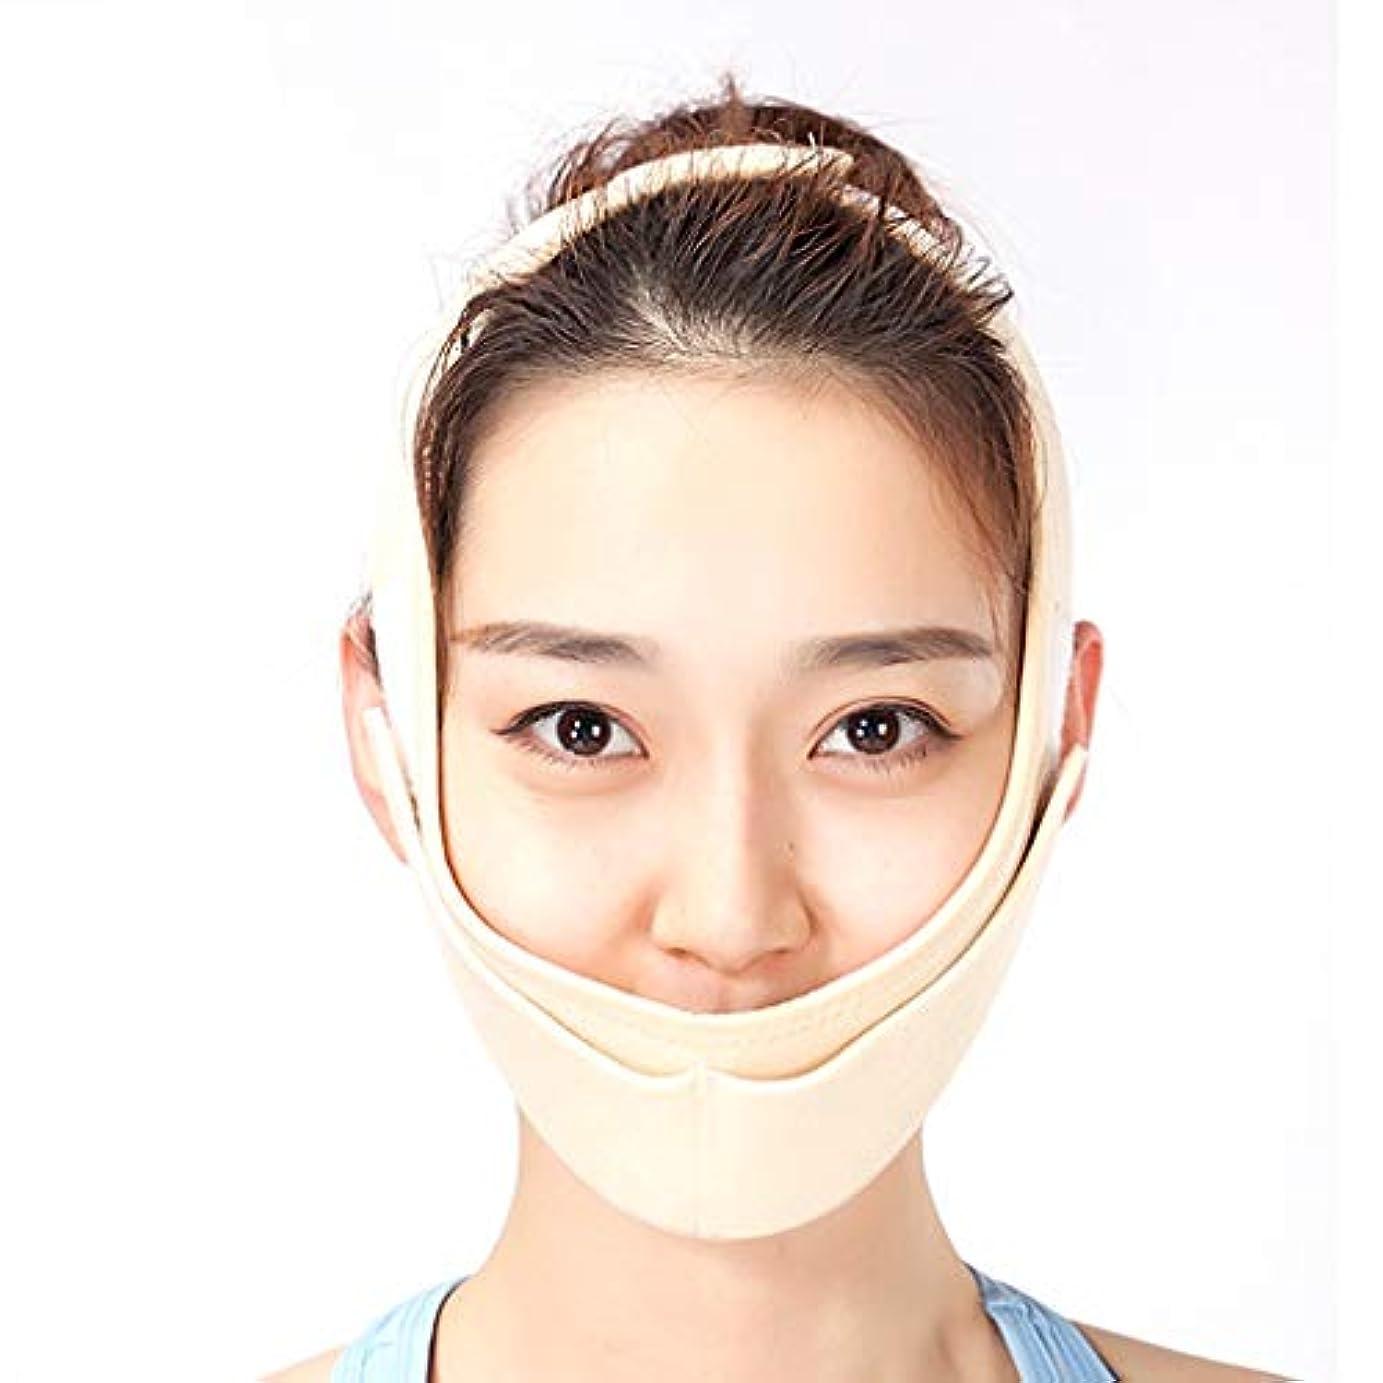 モンククラフト蜜Jia He 軽量 フェイスリフティングベルト、通気性のフェイスリフティング包帯リフティングアンチリンクル細い二重あごVフェイスアーティファクトスリープビームフェイスベルト ## (Color : Skin tone)